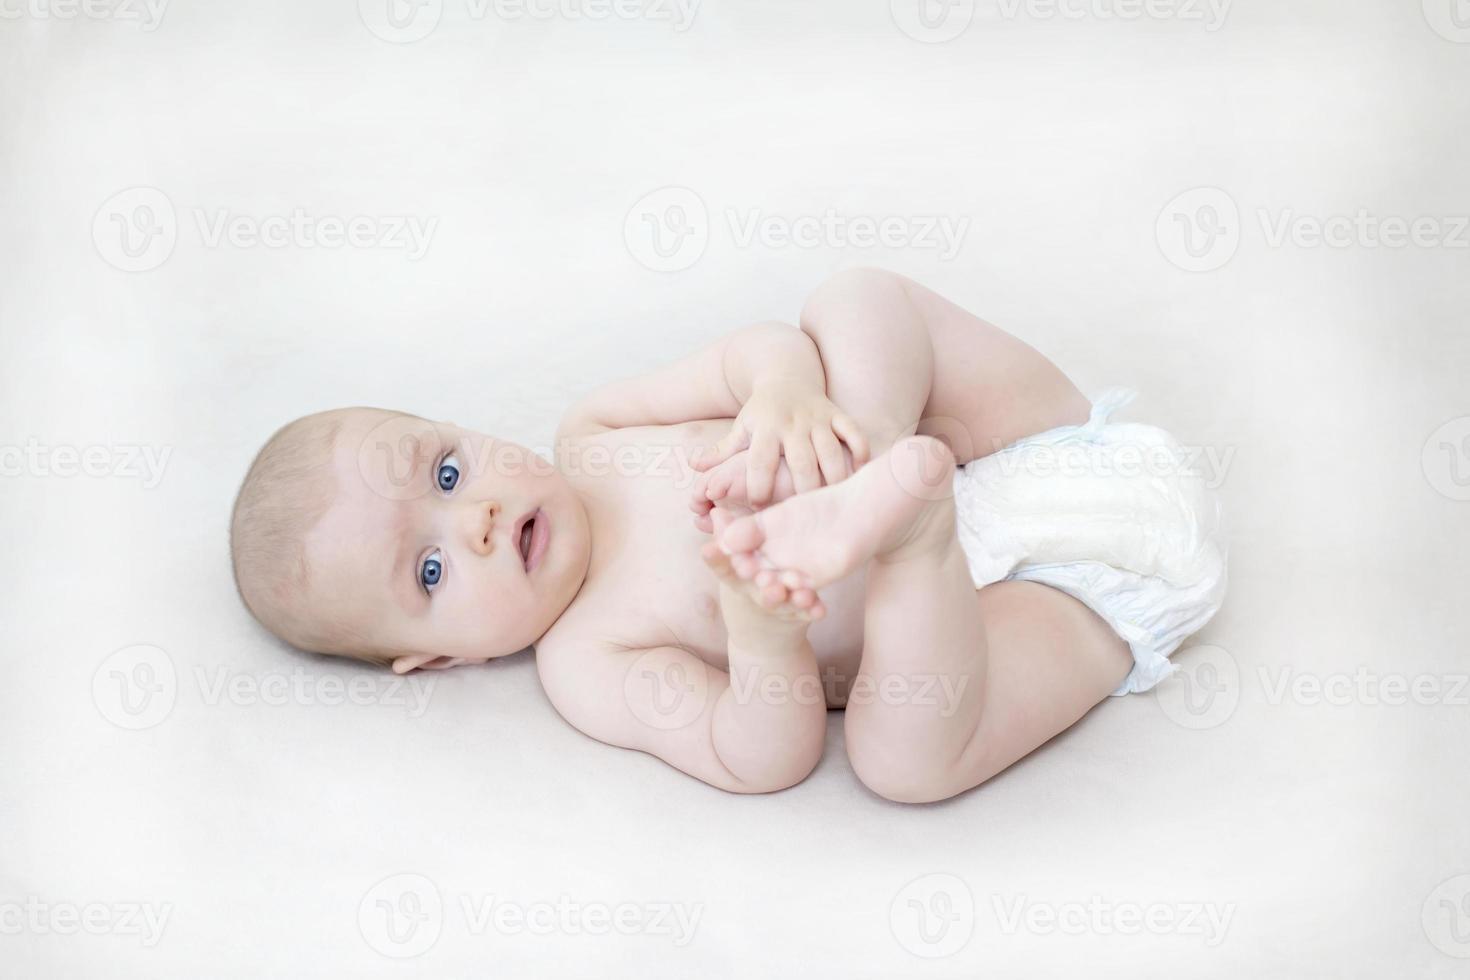 söt baby flicka liggande på sängen foto